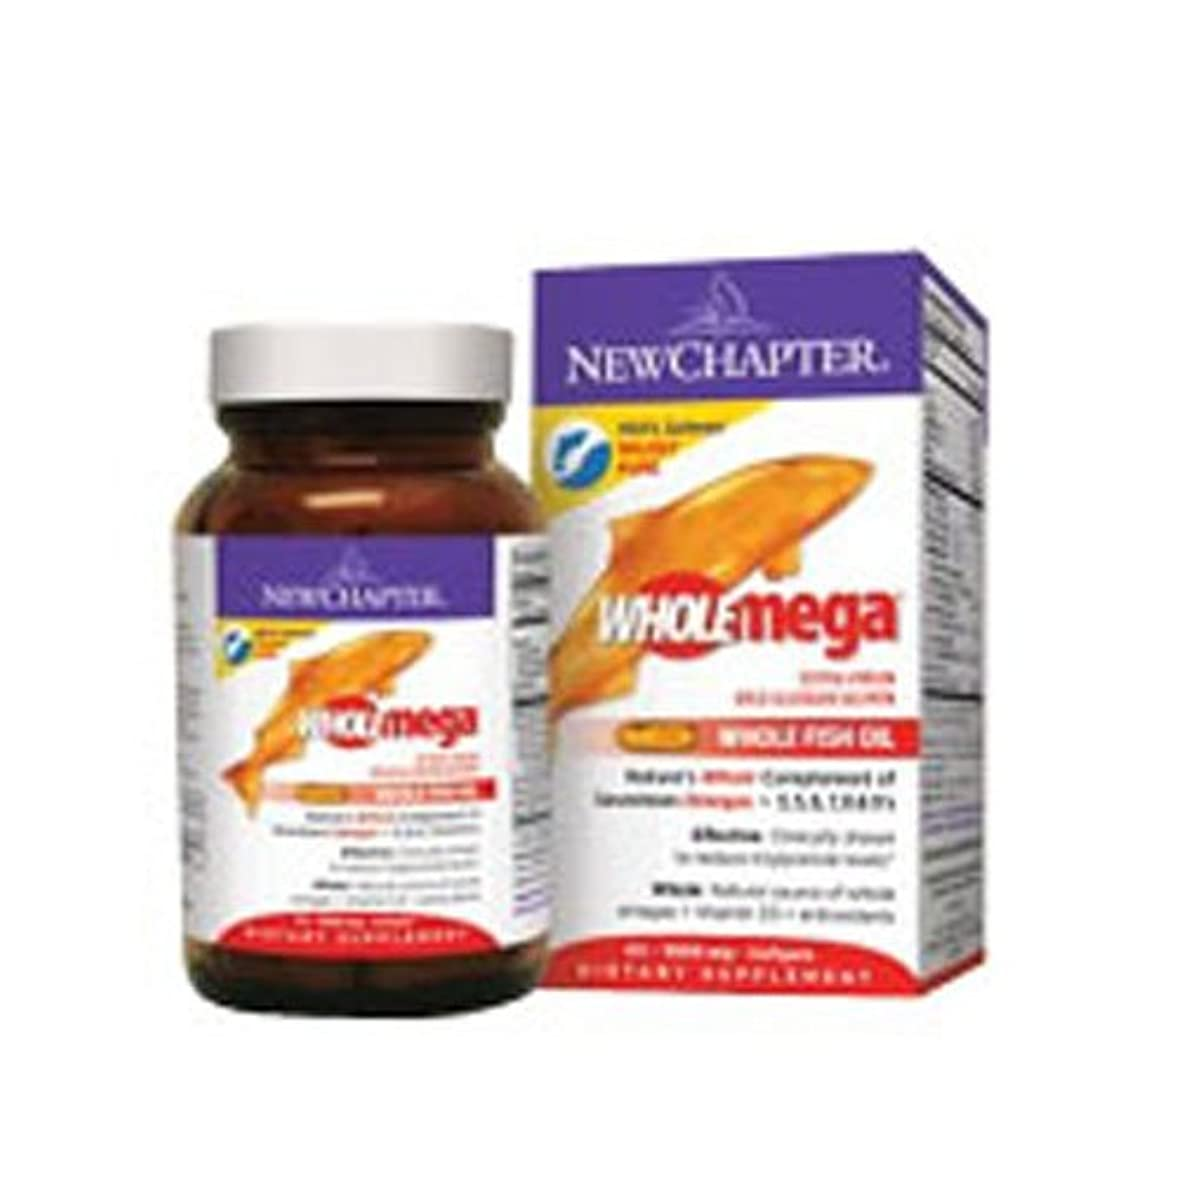 スプリット番目湿原New Chapter Wholemega extra pure fish oil - 1000 mg, 120 softgels (Multi-Pack) by Wholemega Fish Oil,